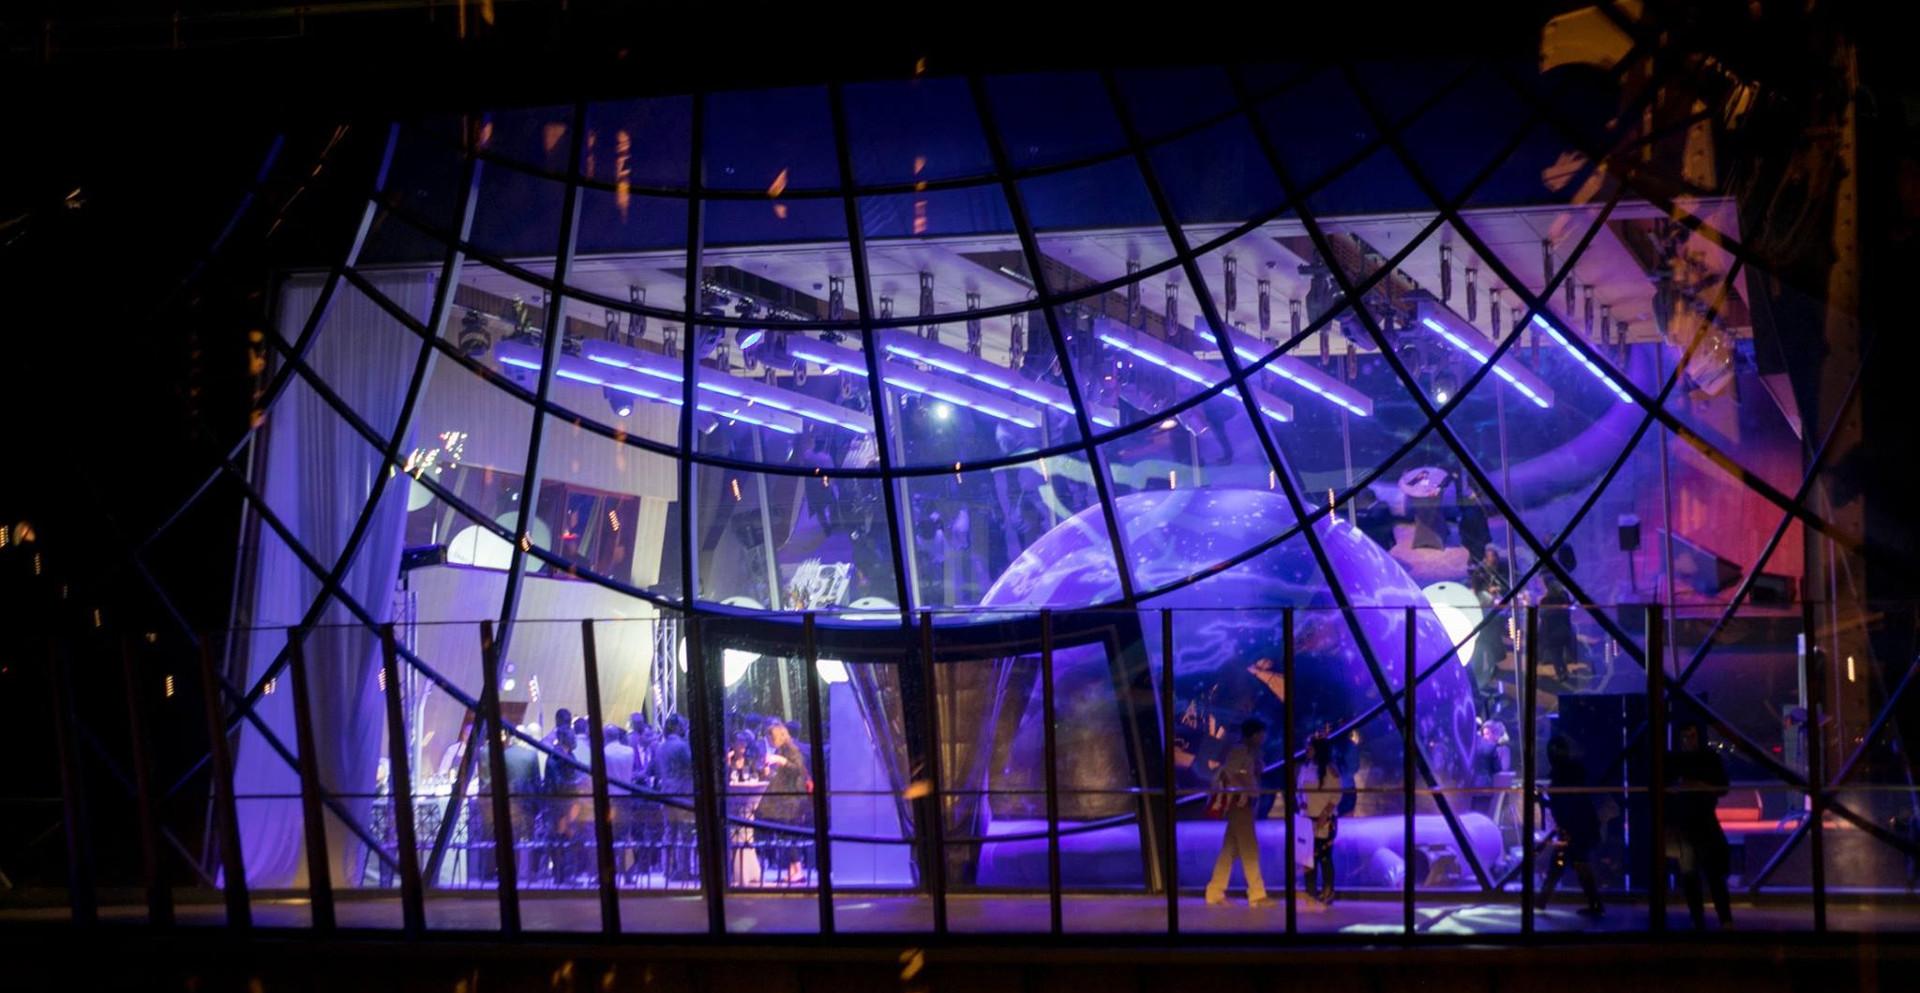 FHD_Soirée_Tour_Eiffel_1.jpg